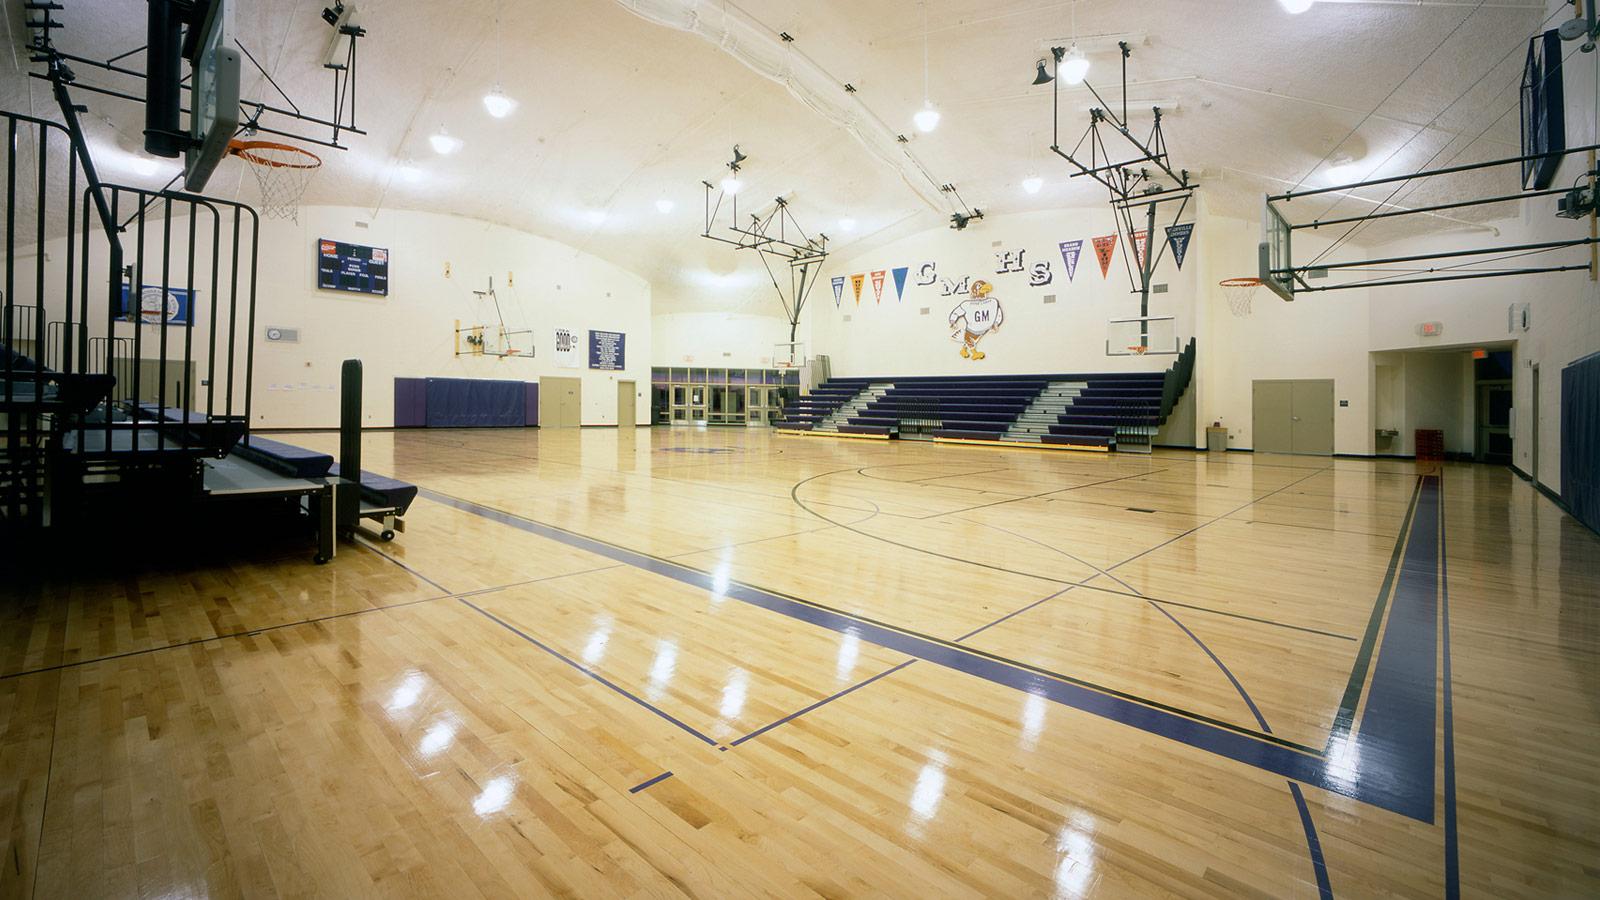 Grand Meadow Public Schools PreK-12 Dome Campus